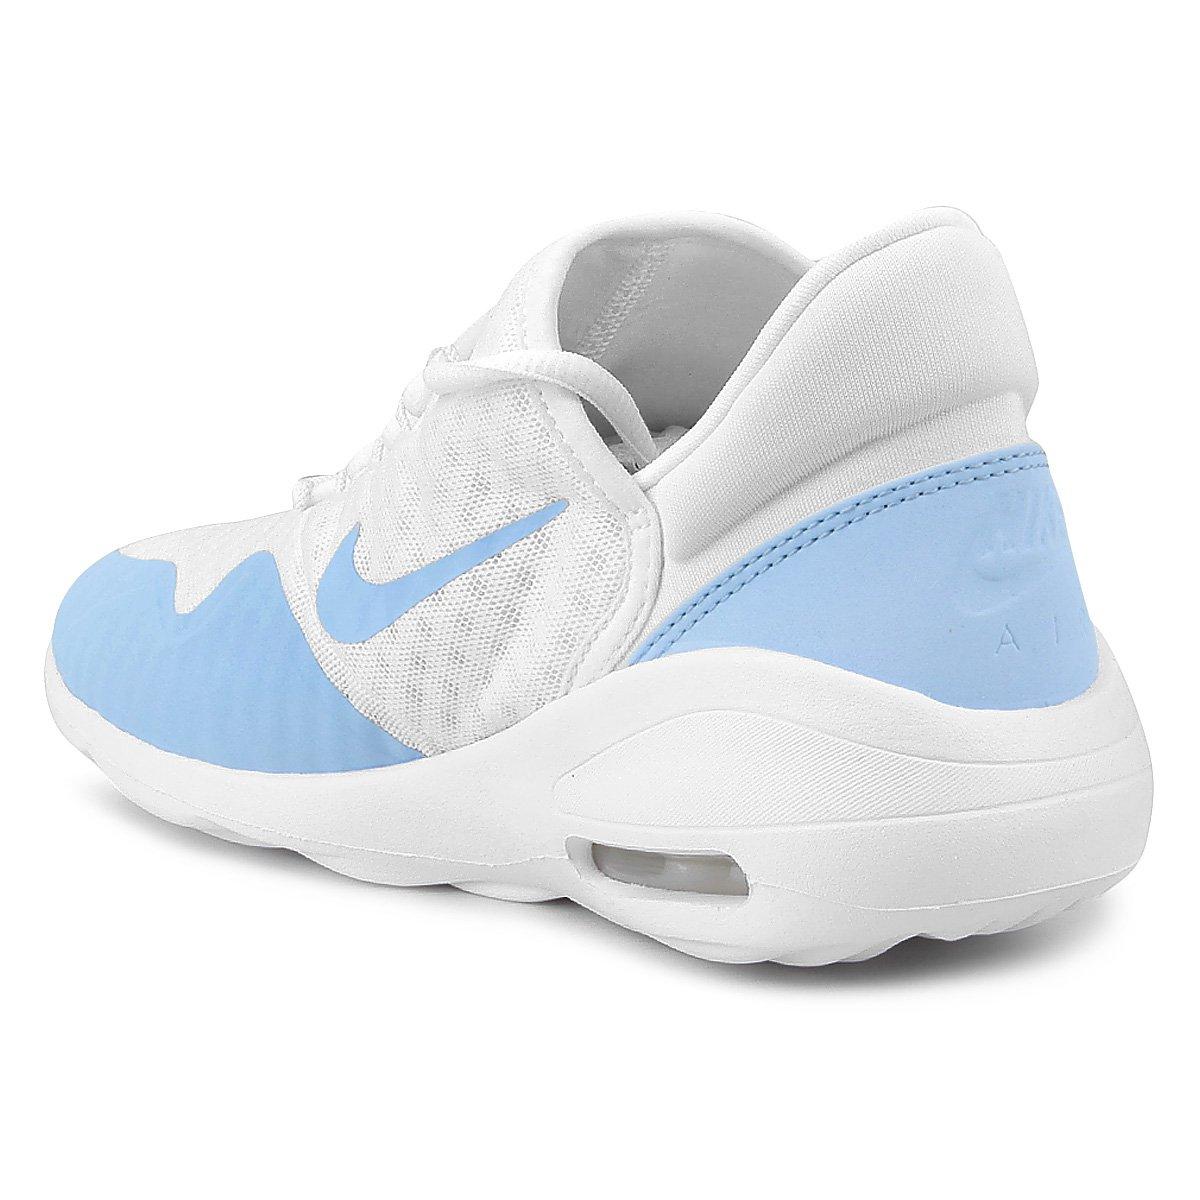 Tênis Nike Air Max Sasha Feminino - Branco e Azul - Compre Agora ... ec888979f0